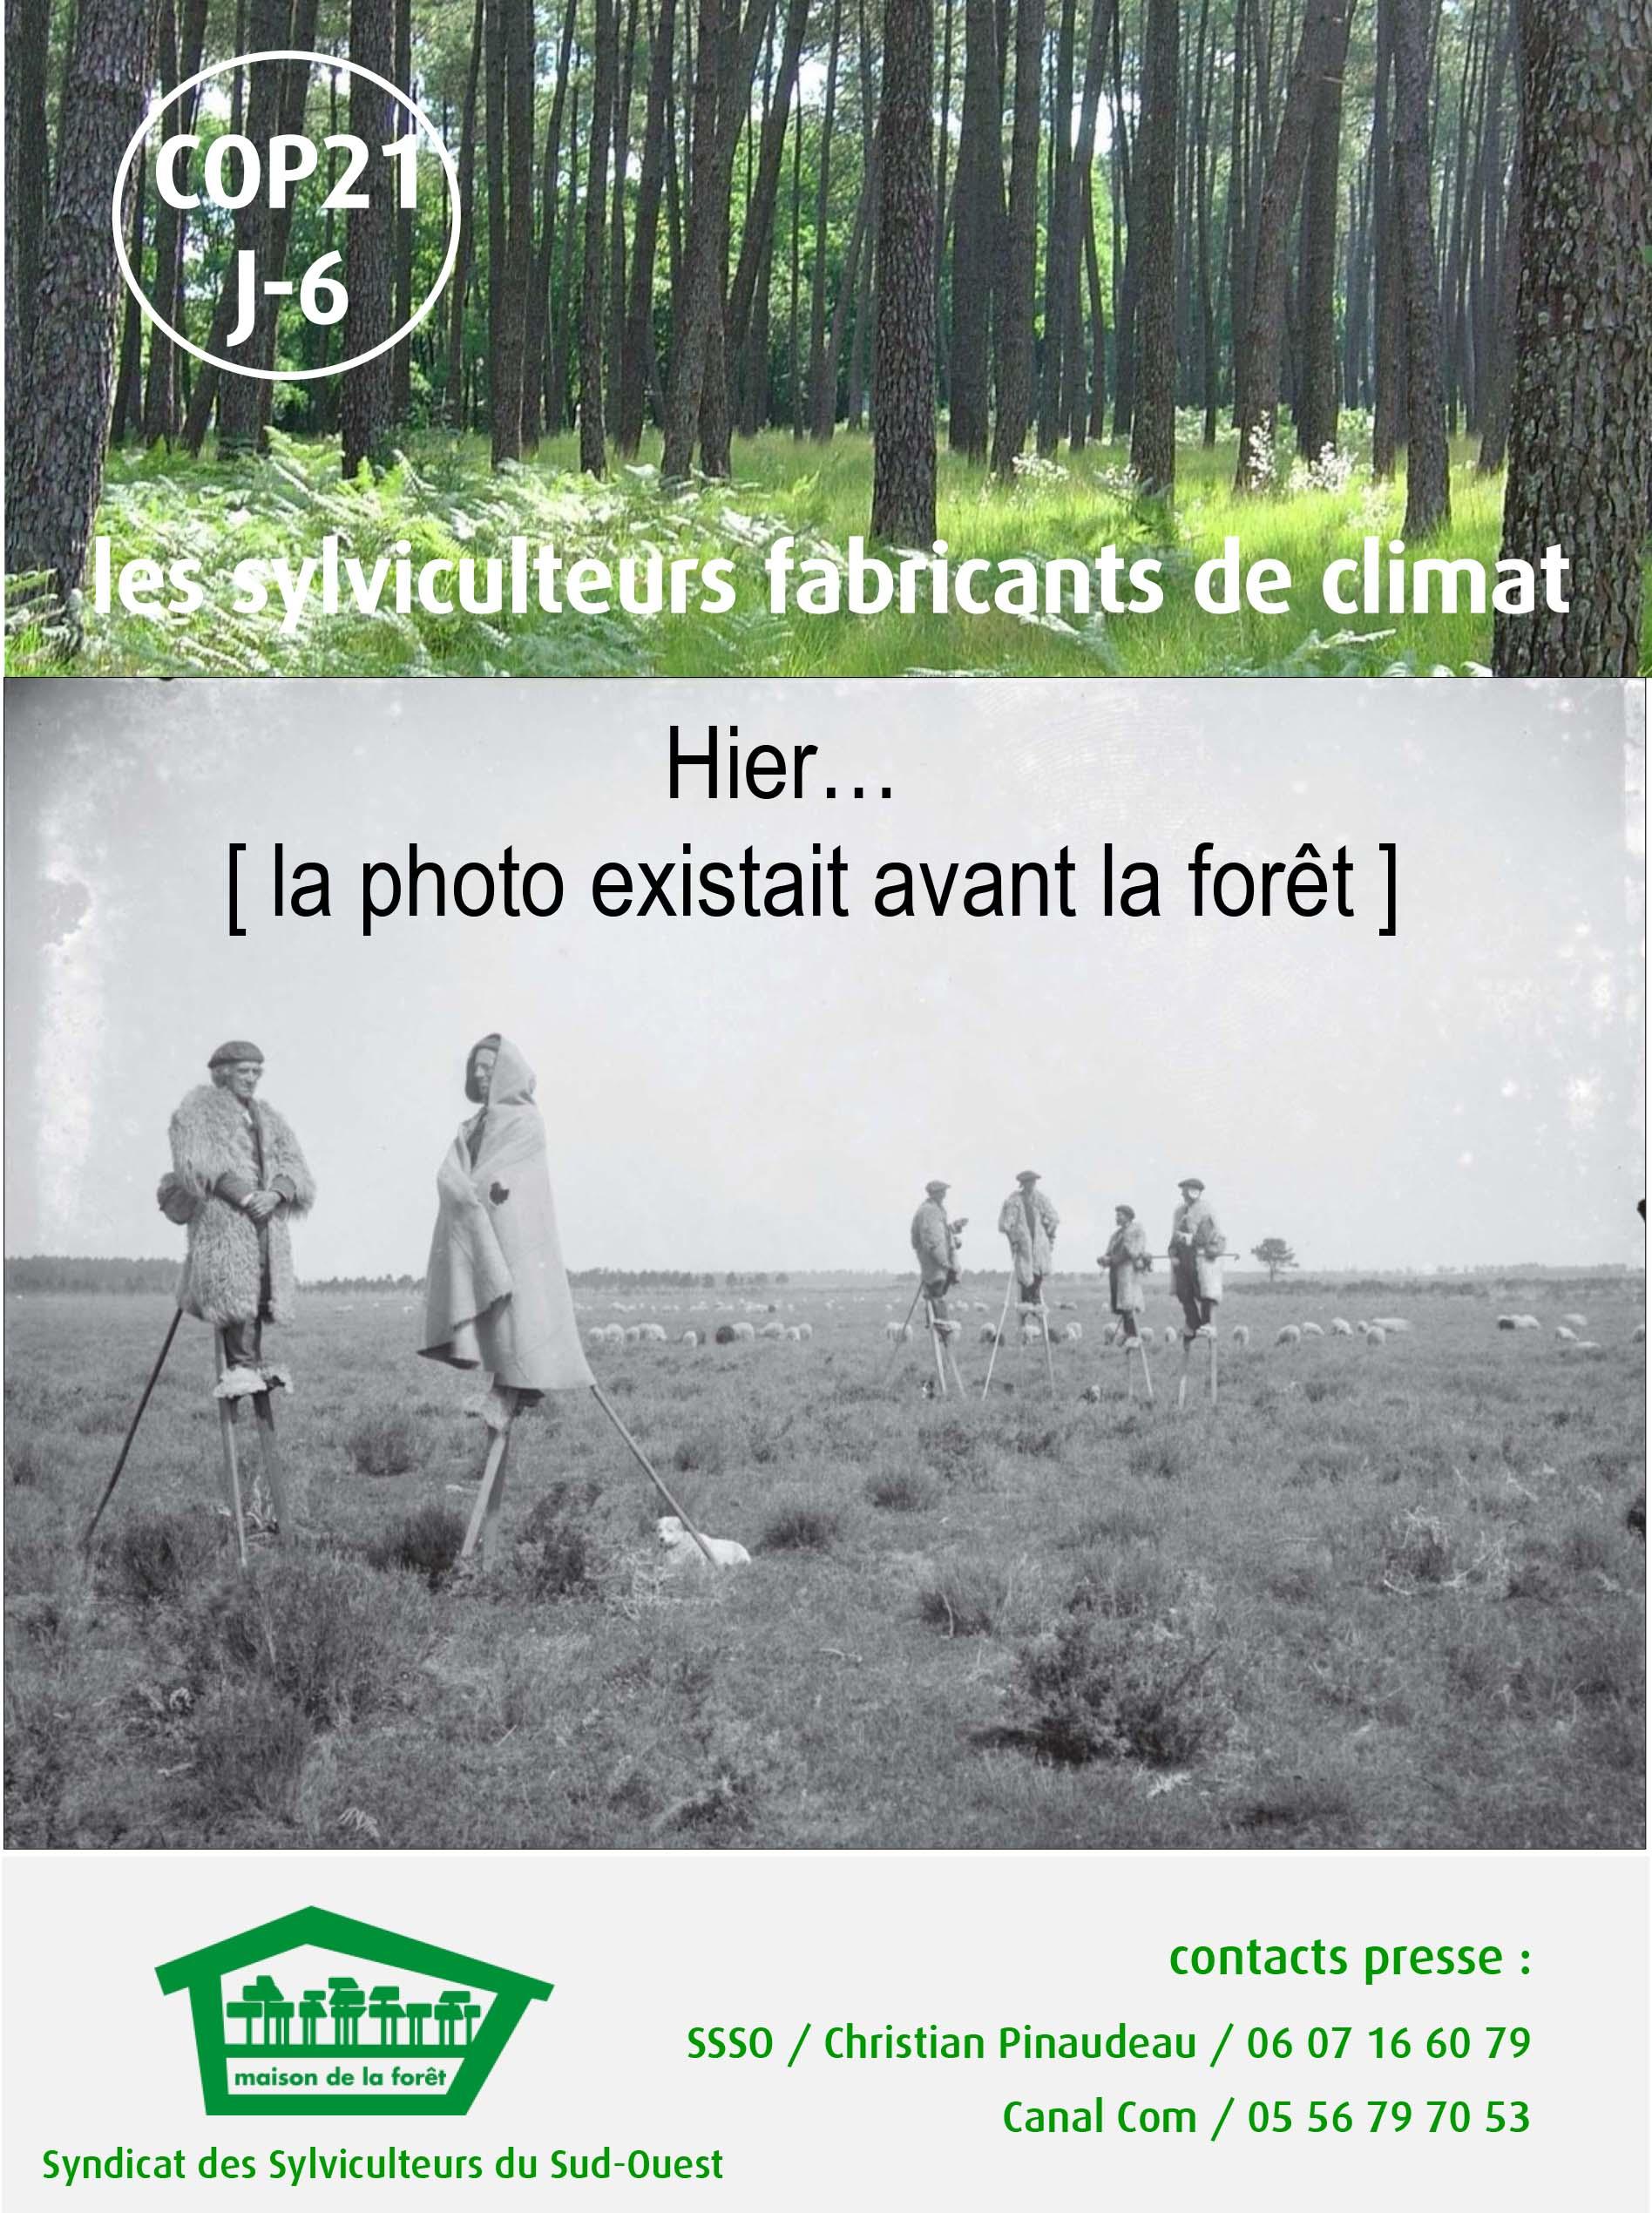 COP21 J-6